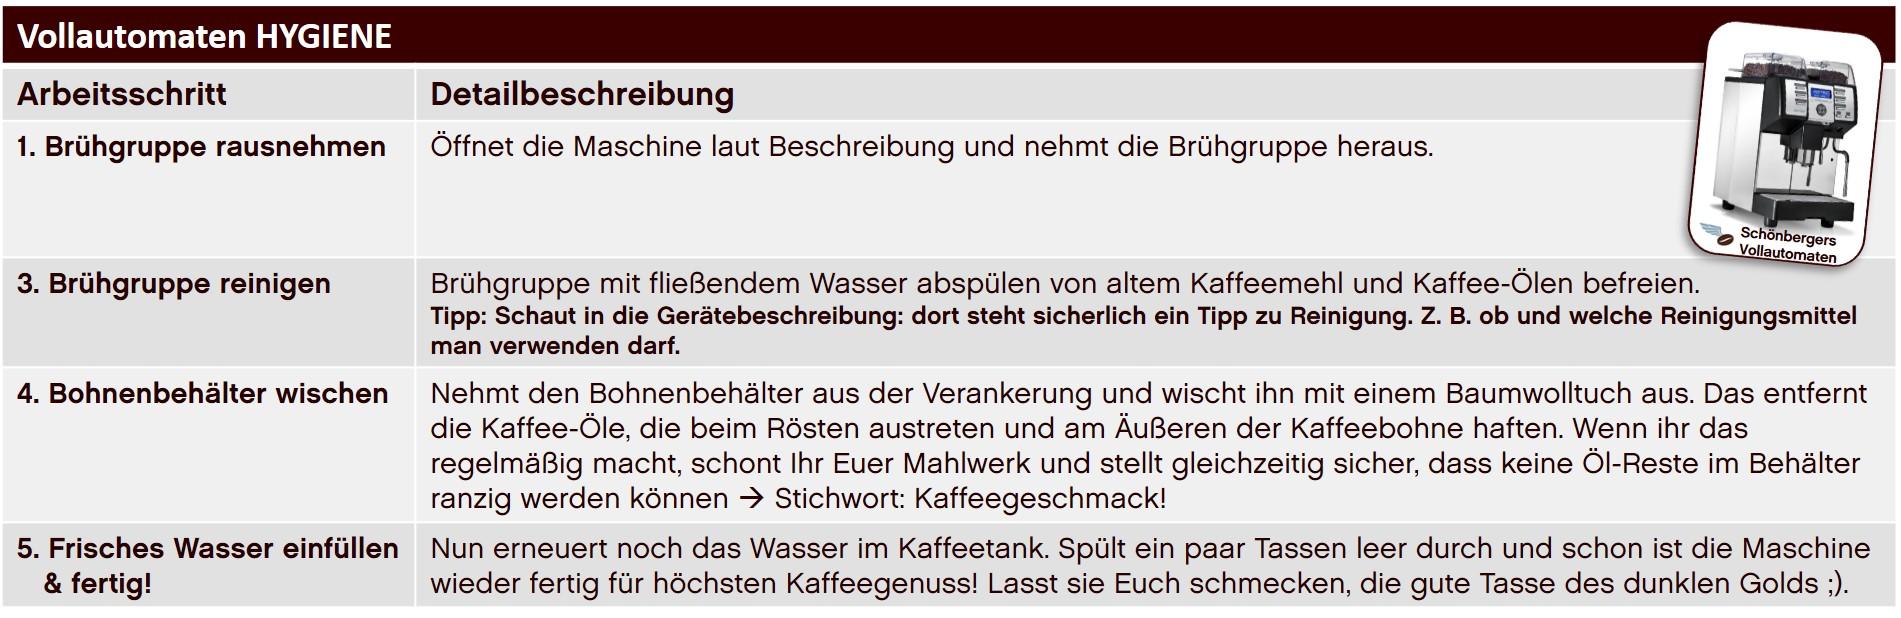 Vollautomaten Hygiene_Schönbergers.jpg